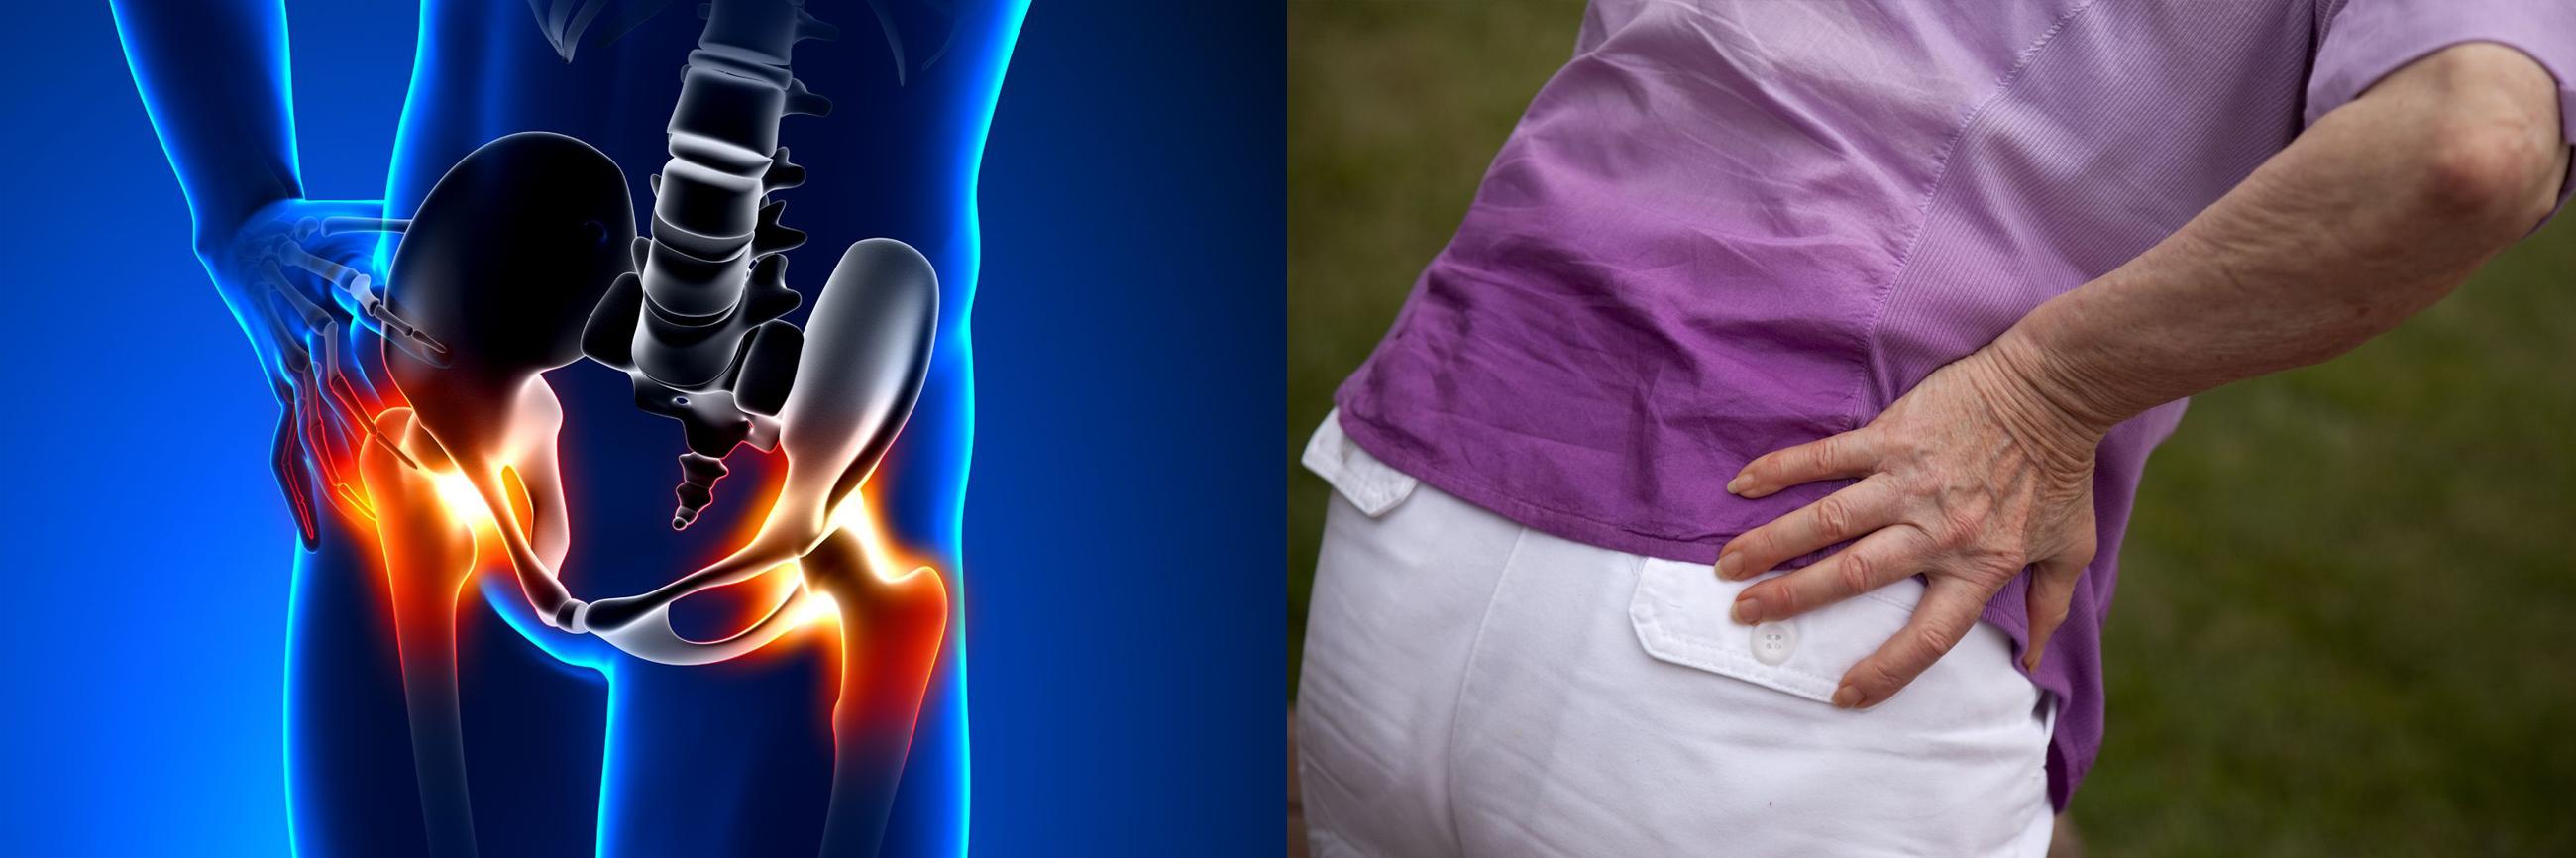 csípőízületi tünetek